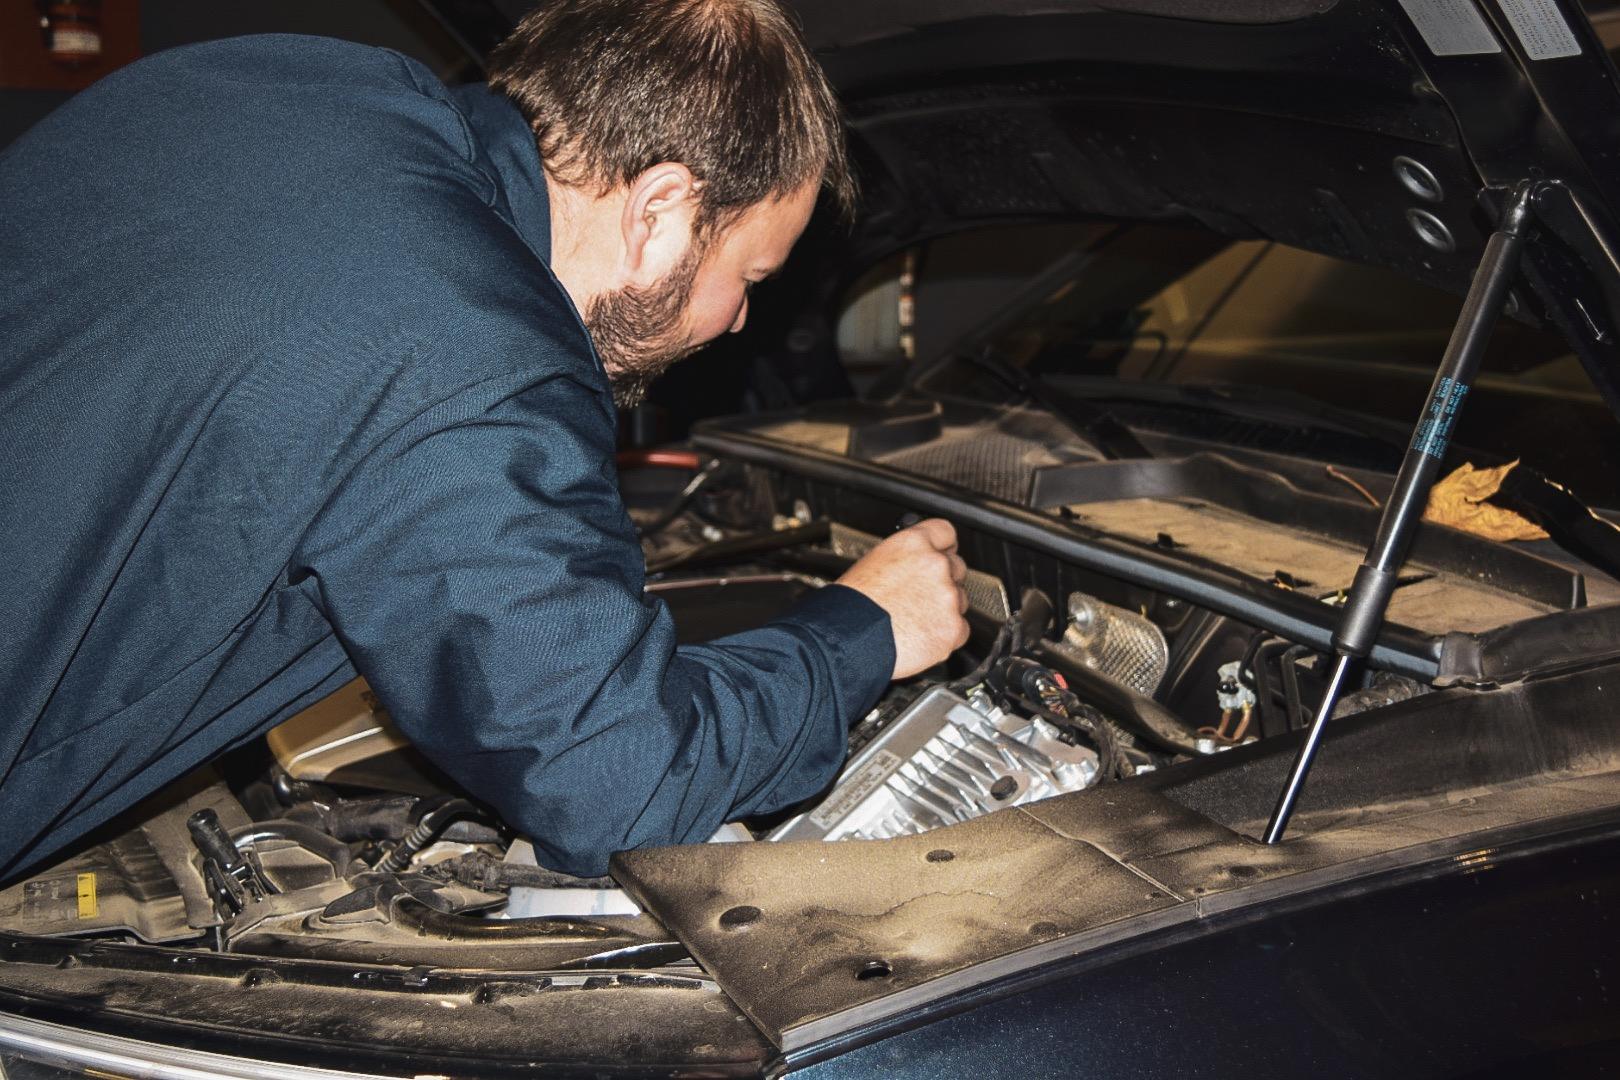 Employee working under the hood of vehicle